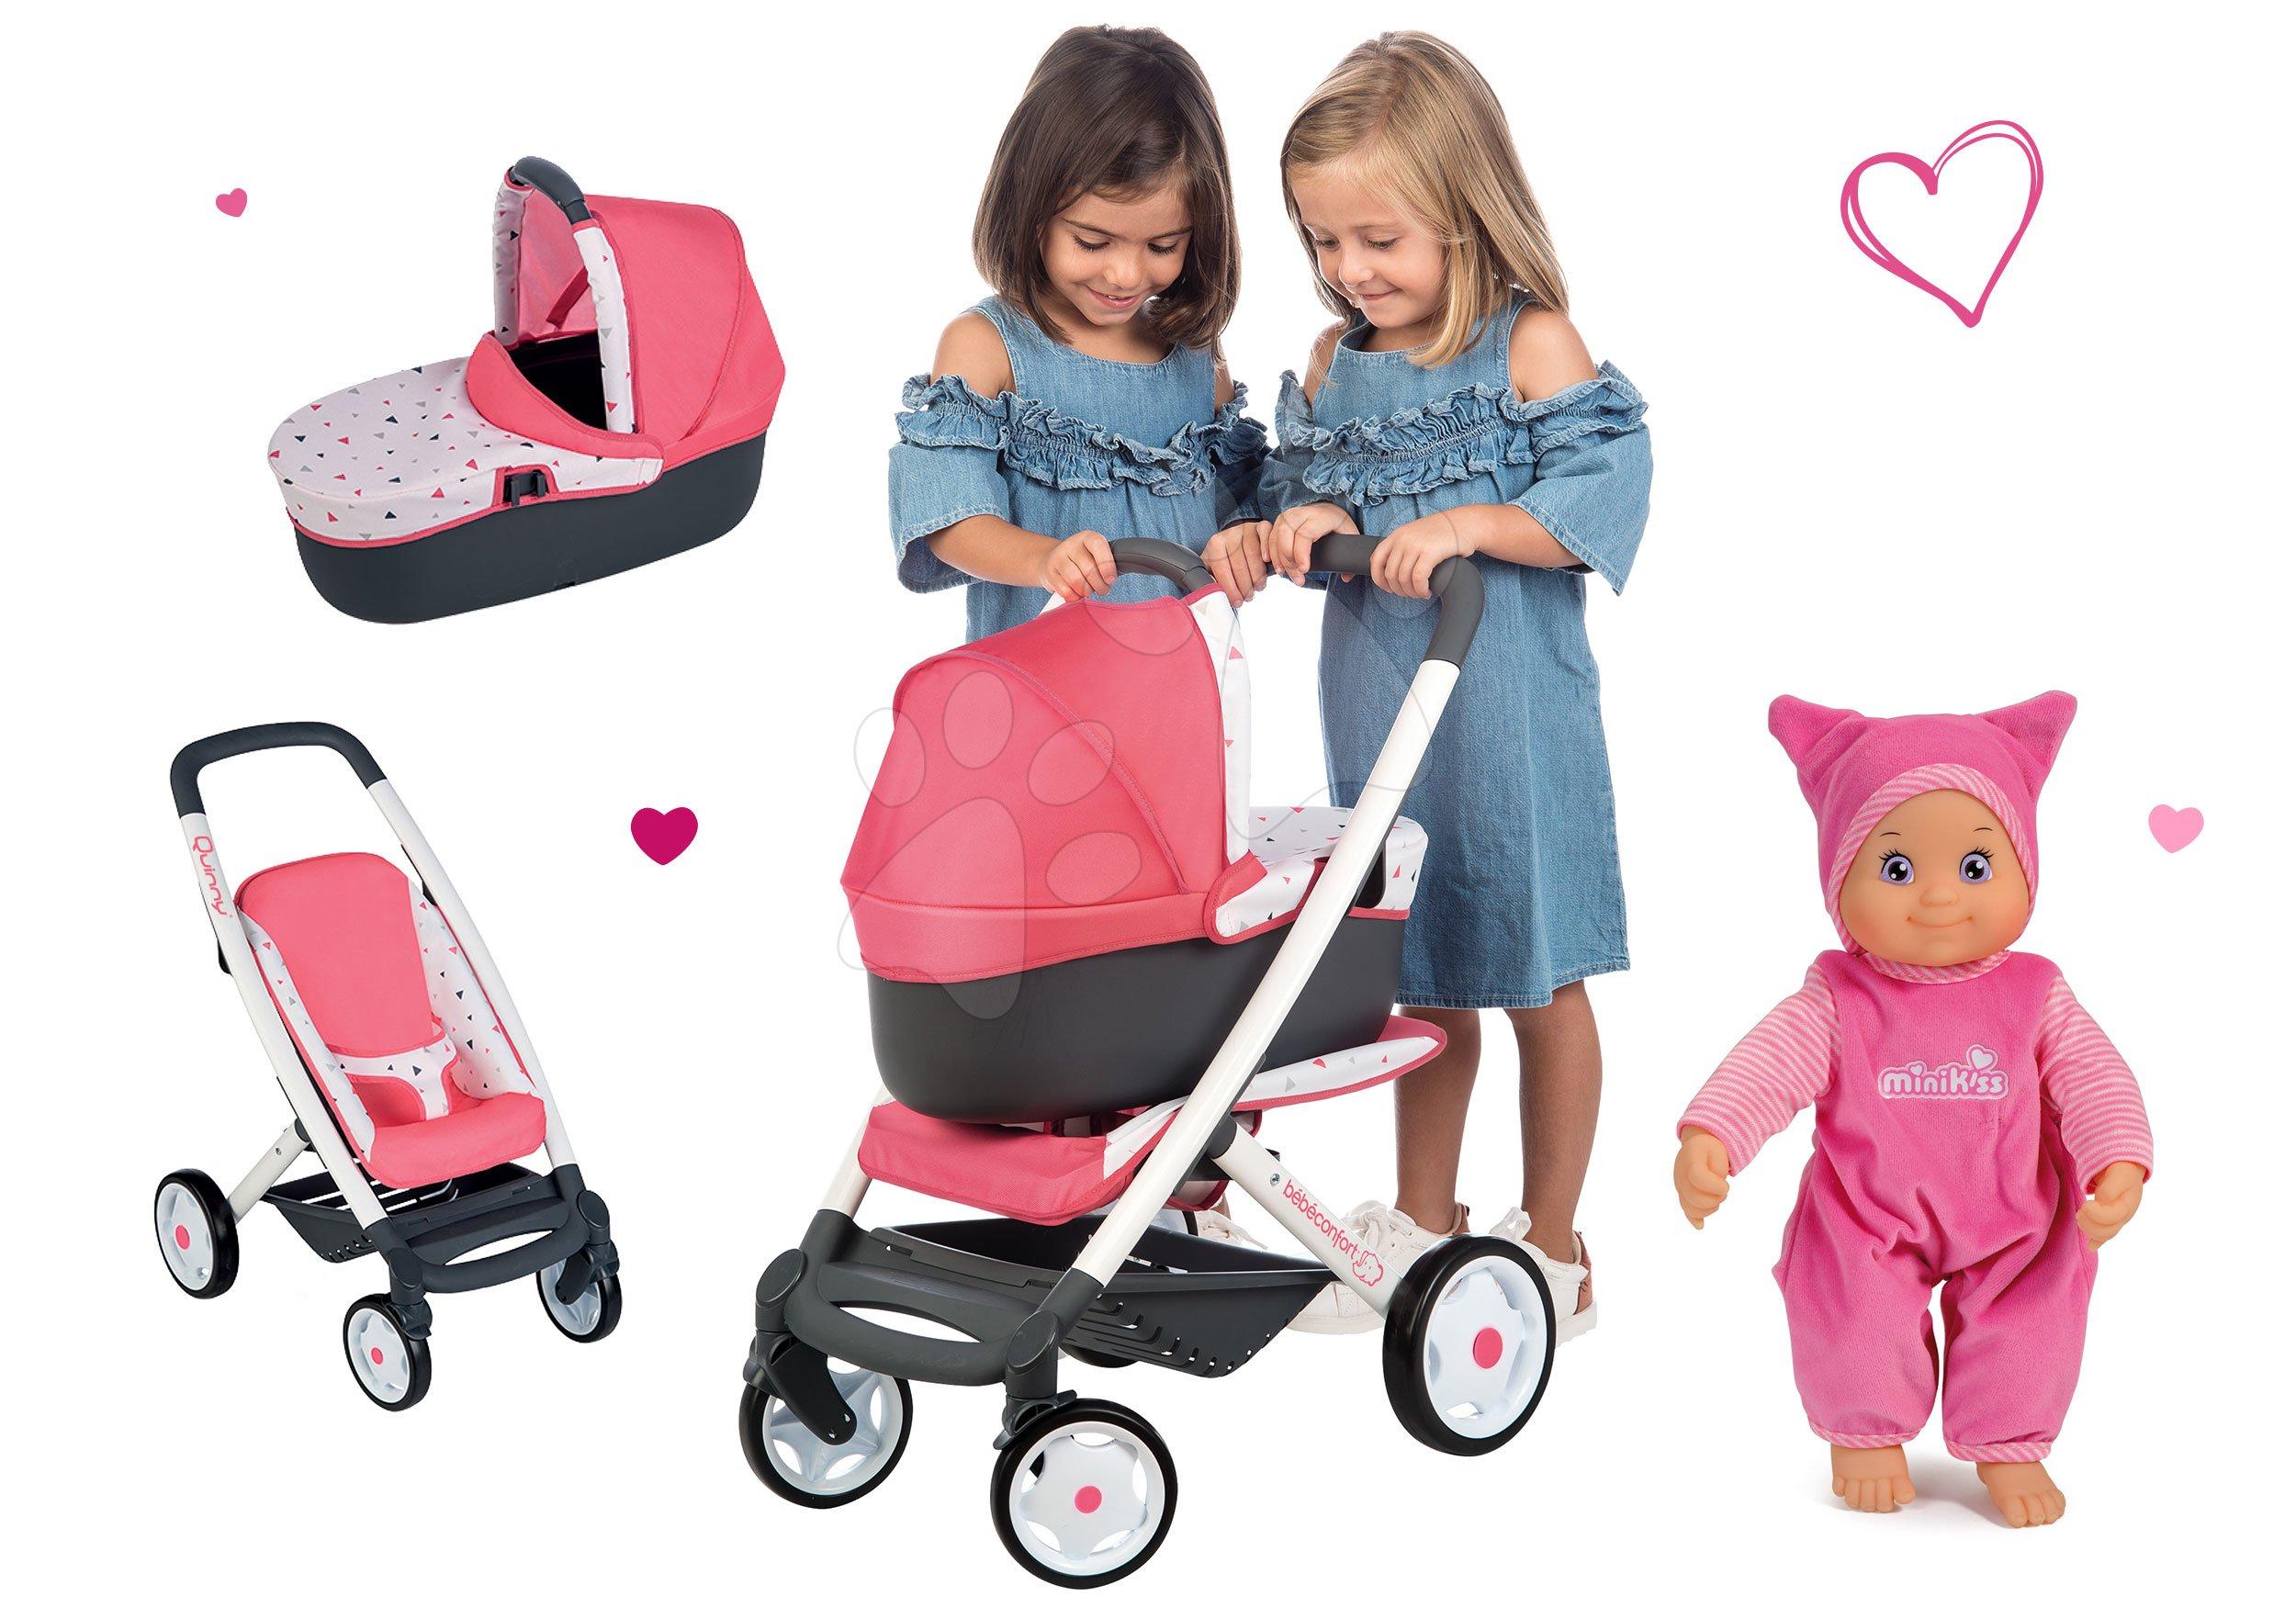 Set cărucior adânc Trio Pastel Maxi Cosi&Quinny 3în1 Smoby și păpușă de jucărie Minikiss cu sunet